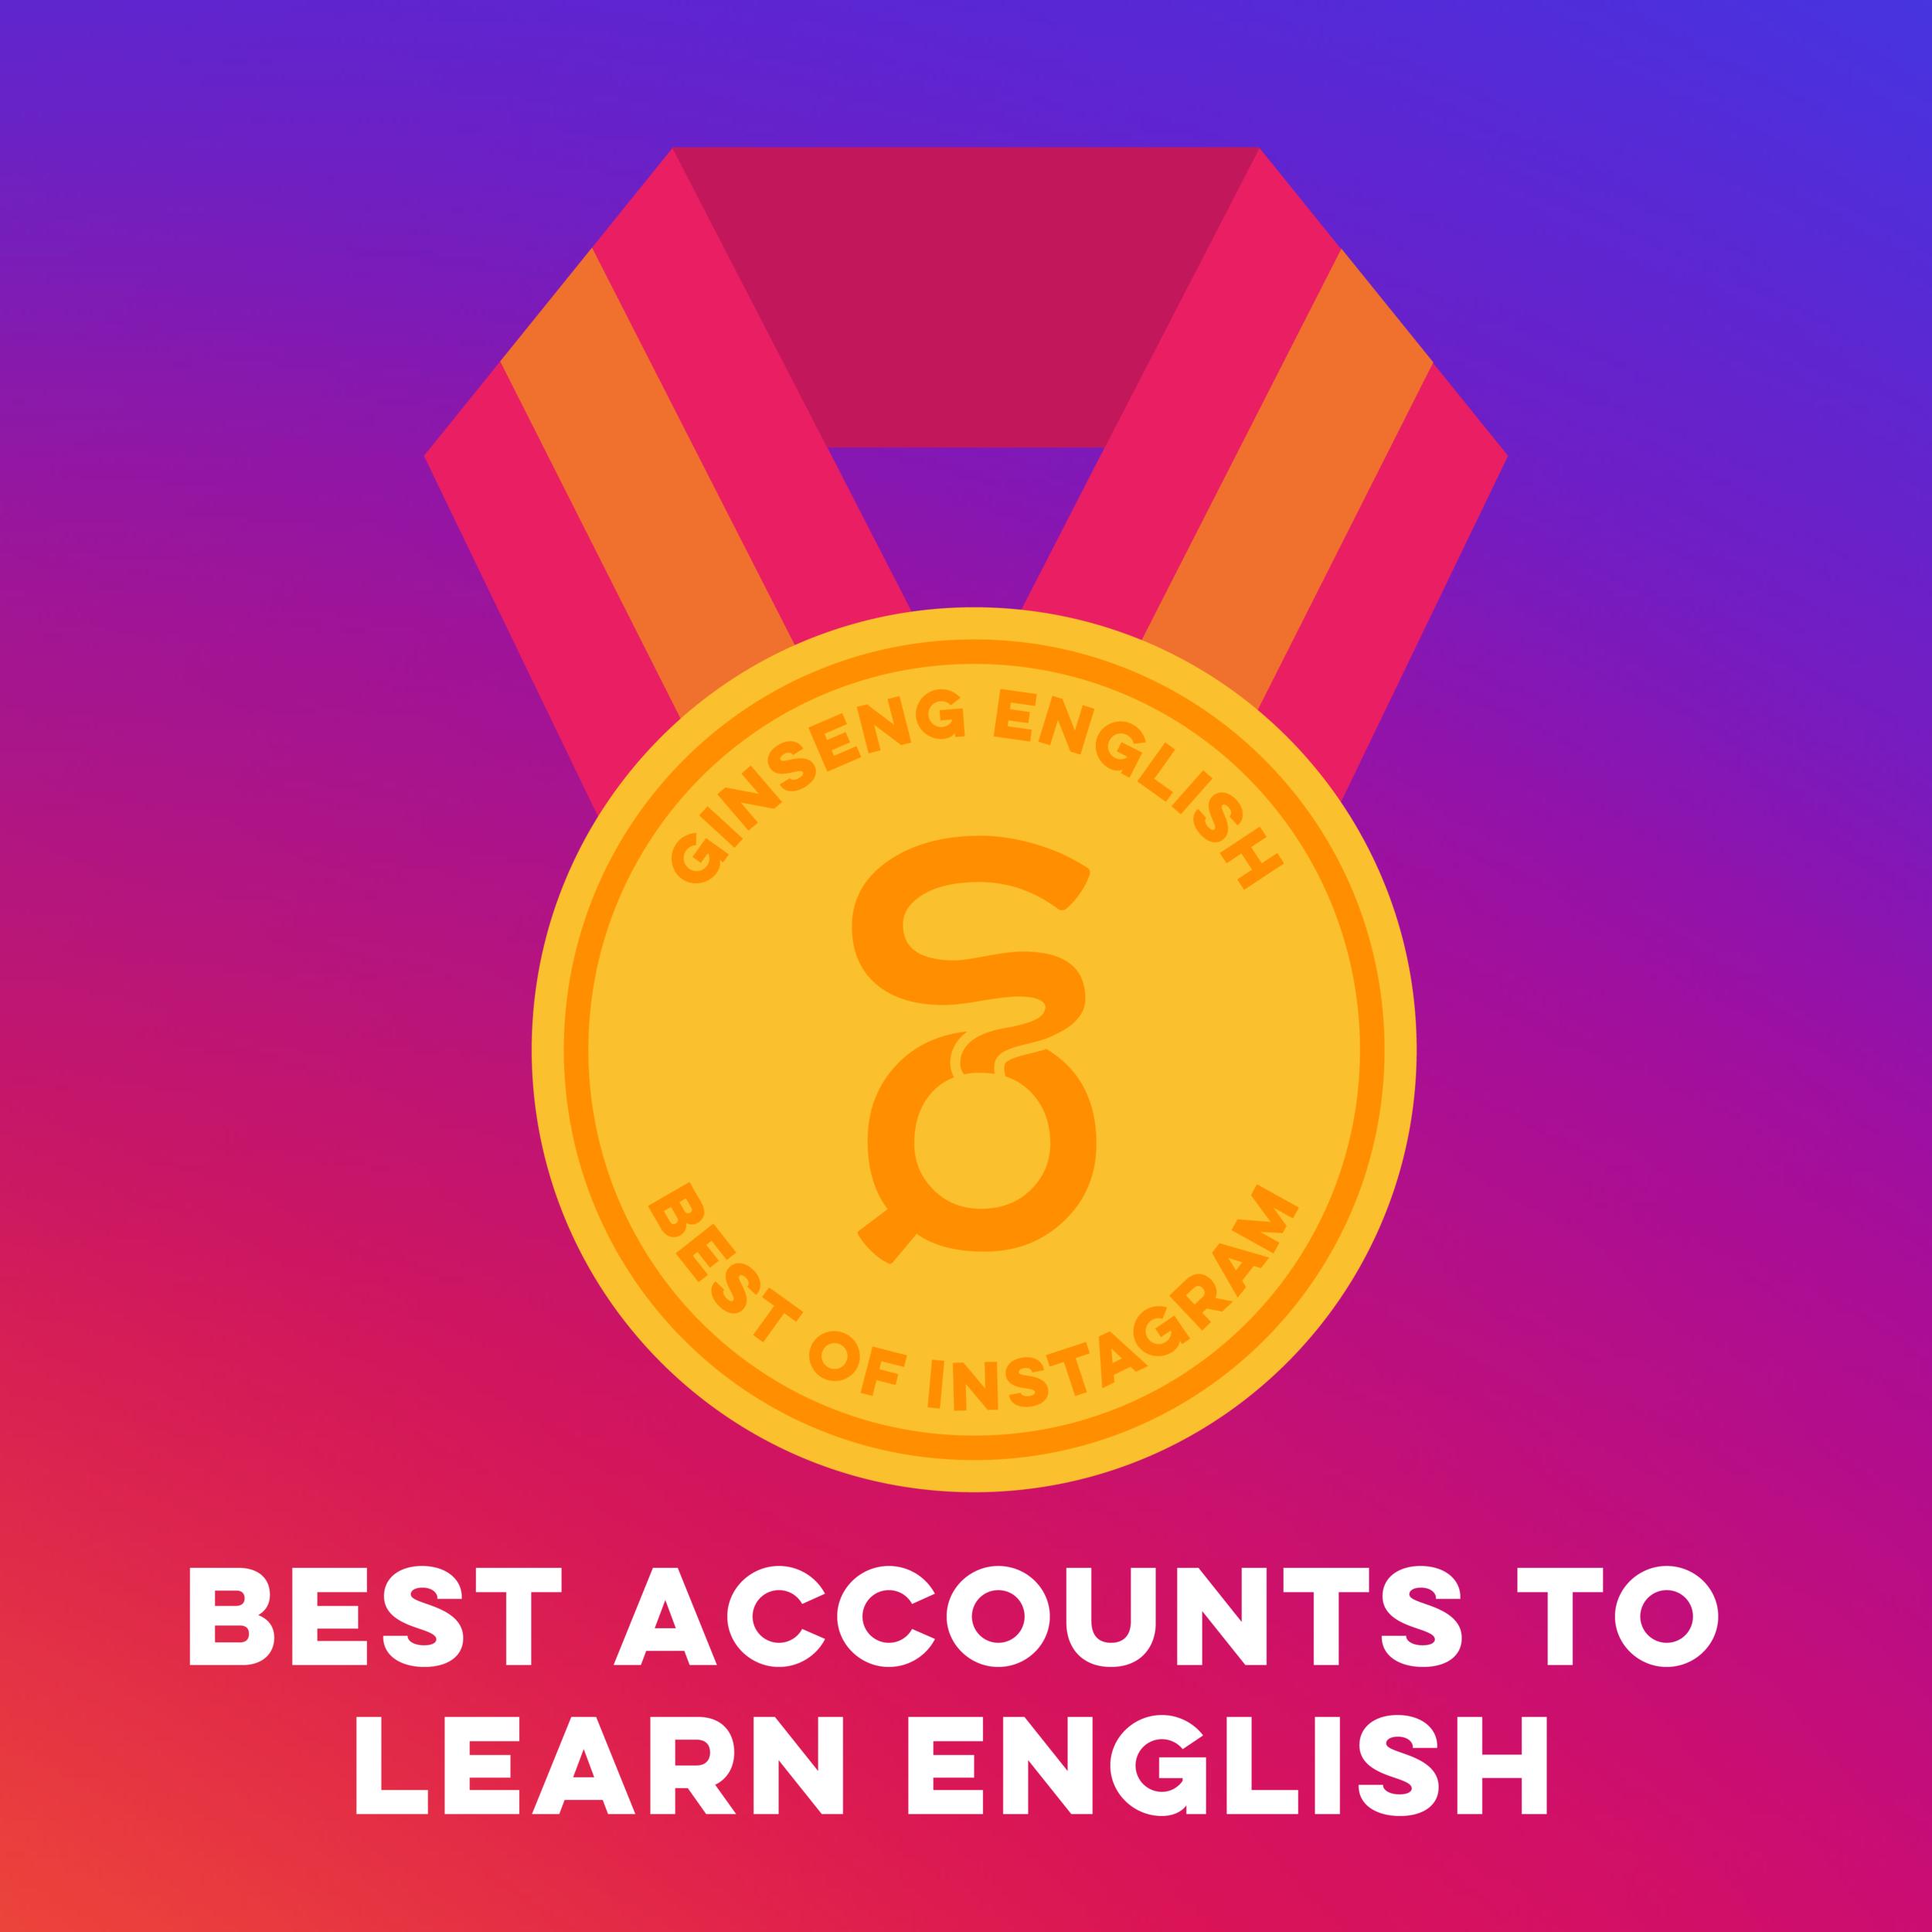 tài khoản instagram tốt nhất để học tiếng anh